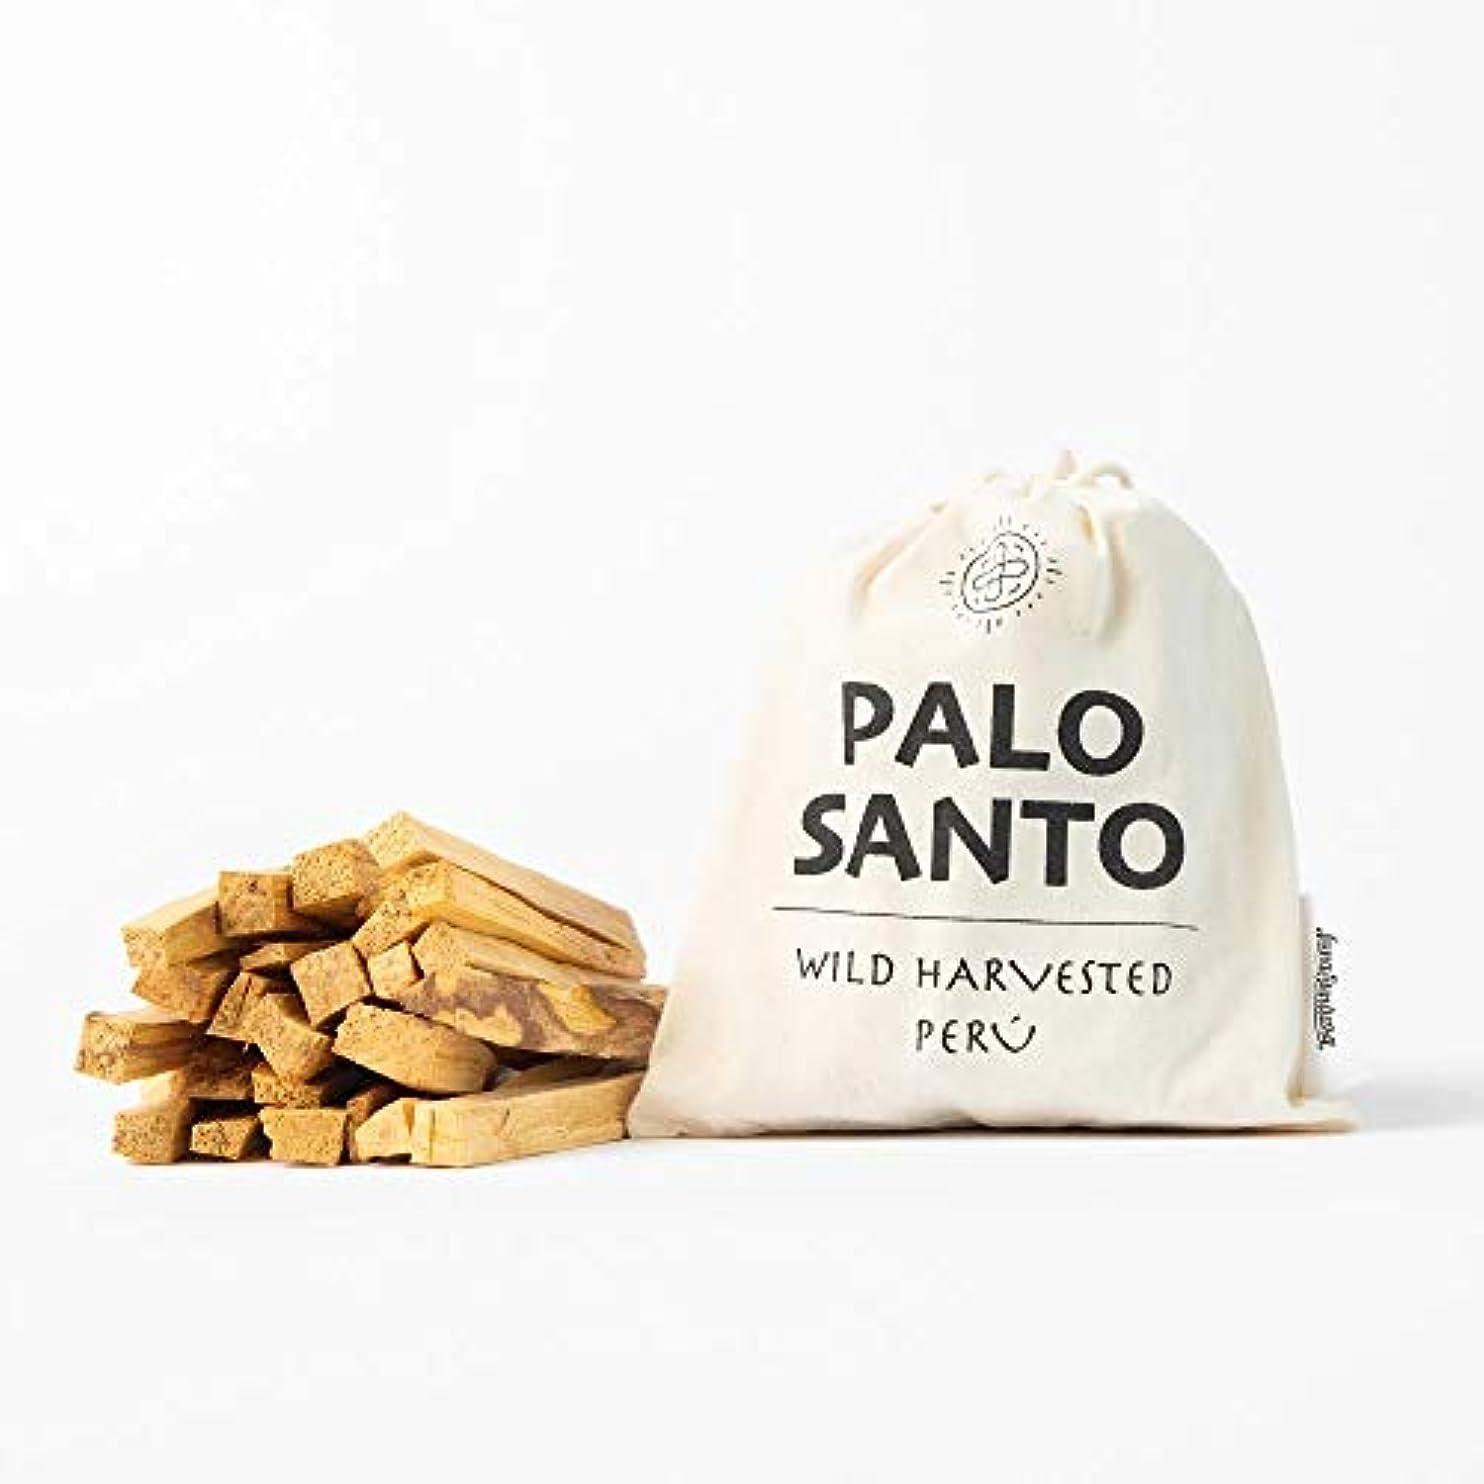 認知足音実験ルナスンダラ (Luna Sundara) Palo Santo Smudging Sticks パロサント スマッジングスティック香木[100g入りBag]